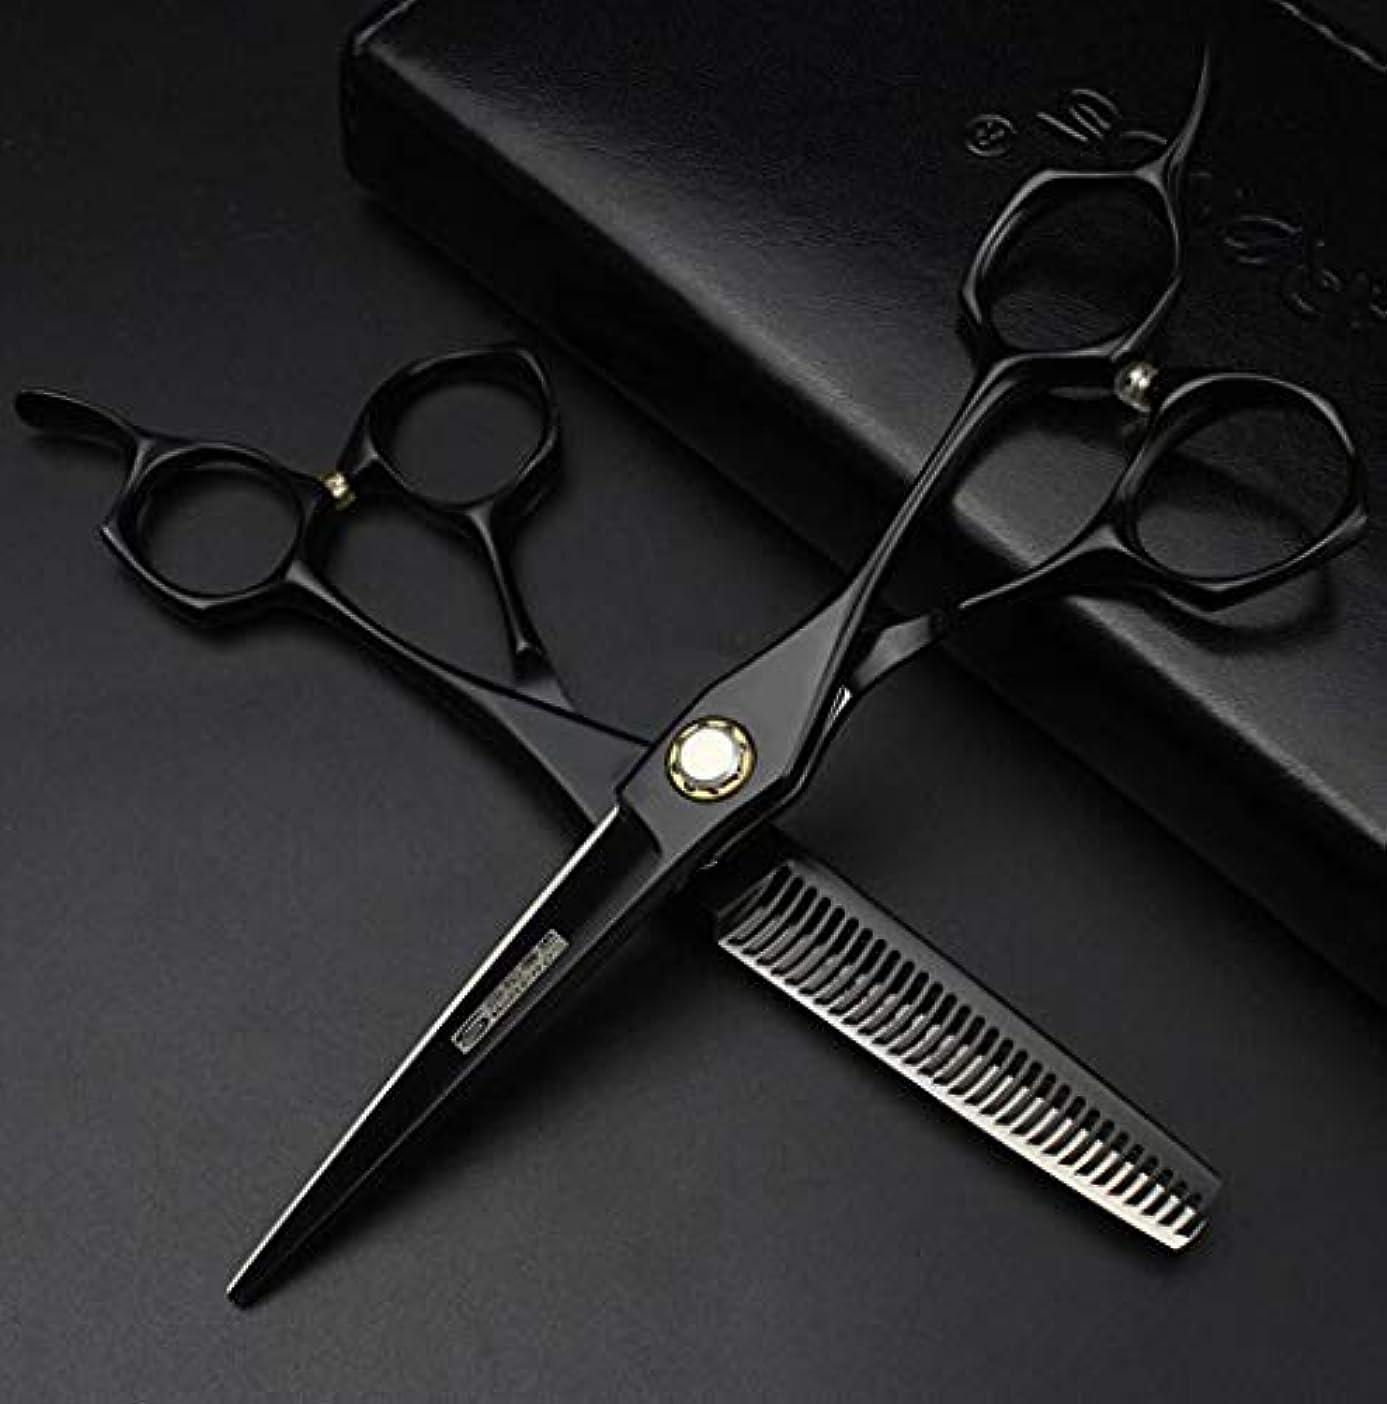 腐食するニュース半円6.0インチプロフェッショナル理髪はさみサロン美容院ヘアトリムとカット間伐440c高硬度はさみ